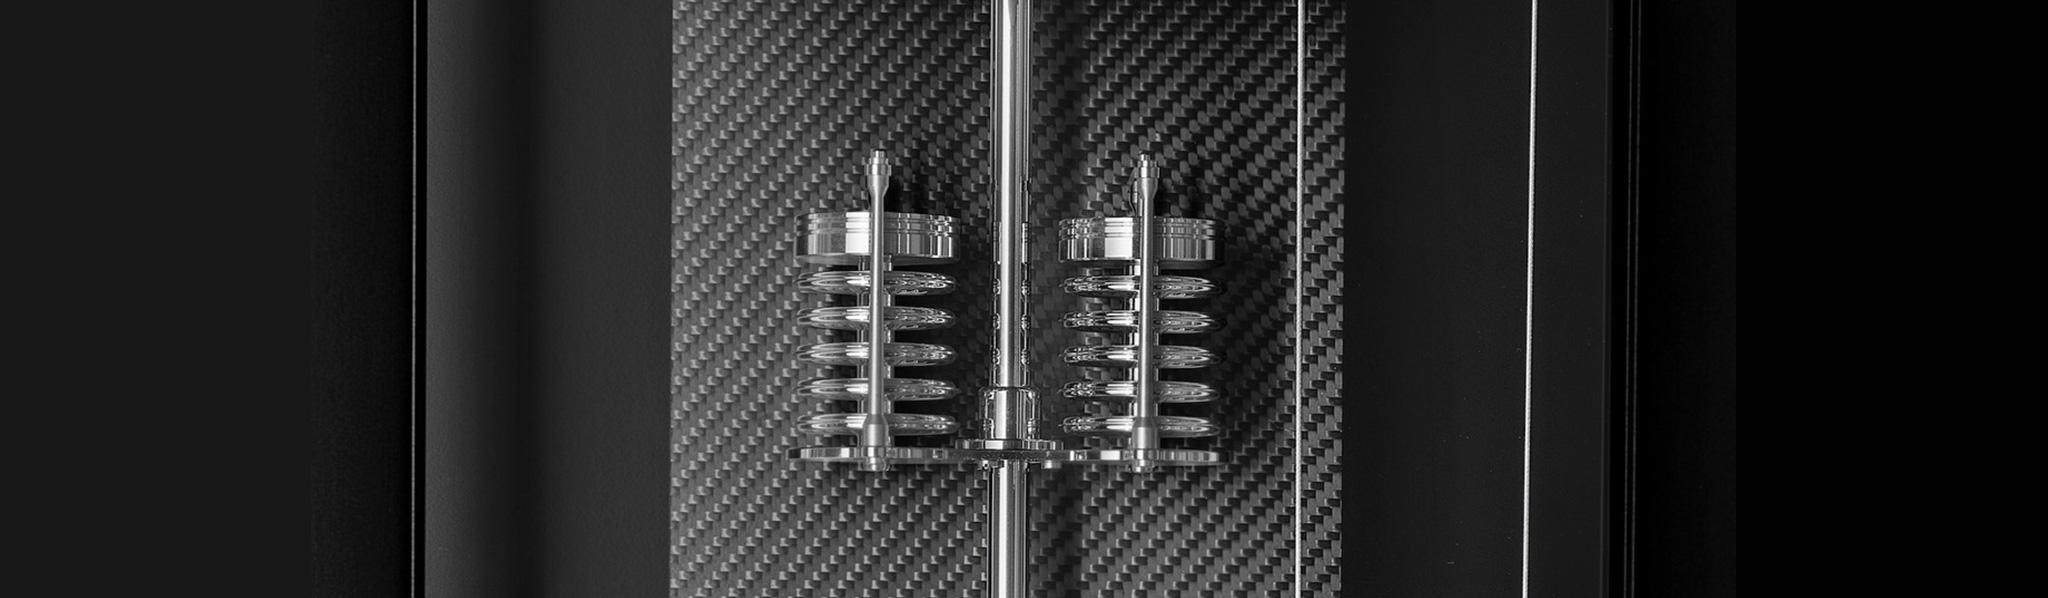 Neuheit! Mechanica M1 Carbon - limitiert auf 50 Stück - Mit exklusiver Sonderausstattung! Detail: Perlmuttmond